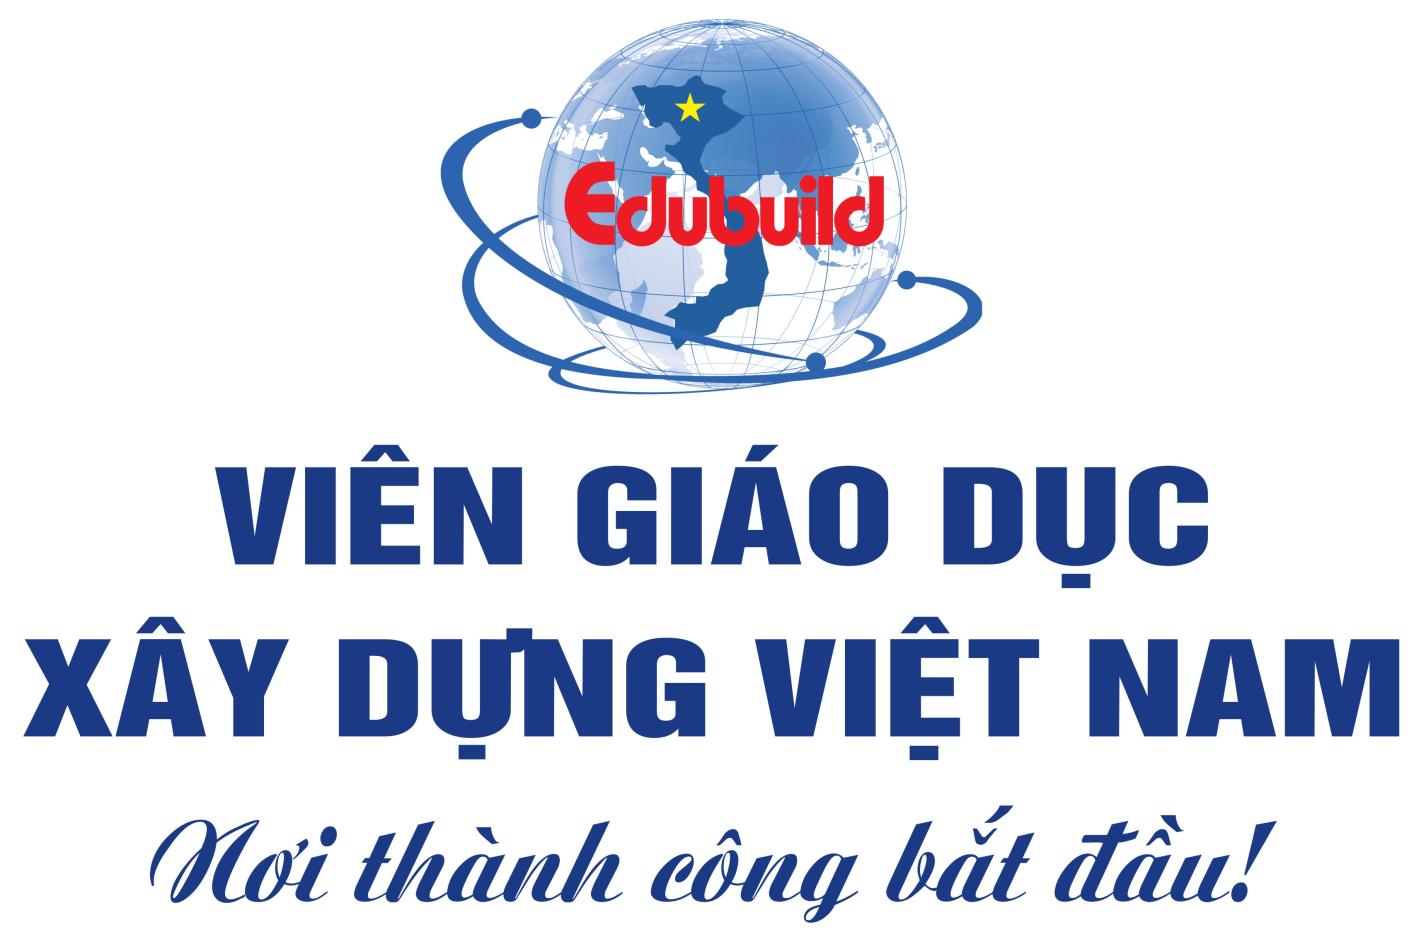 Hỗ trợ thi sát hạch chứng chỉ hành nghề hạng 1 tại Hà Nội, Đà Nẵng, Hồ chí Minh